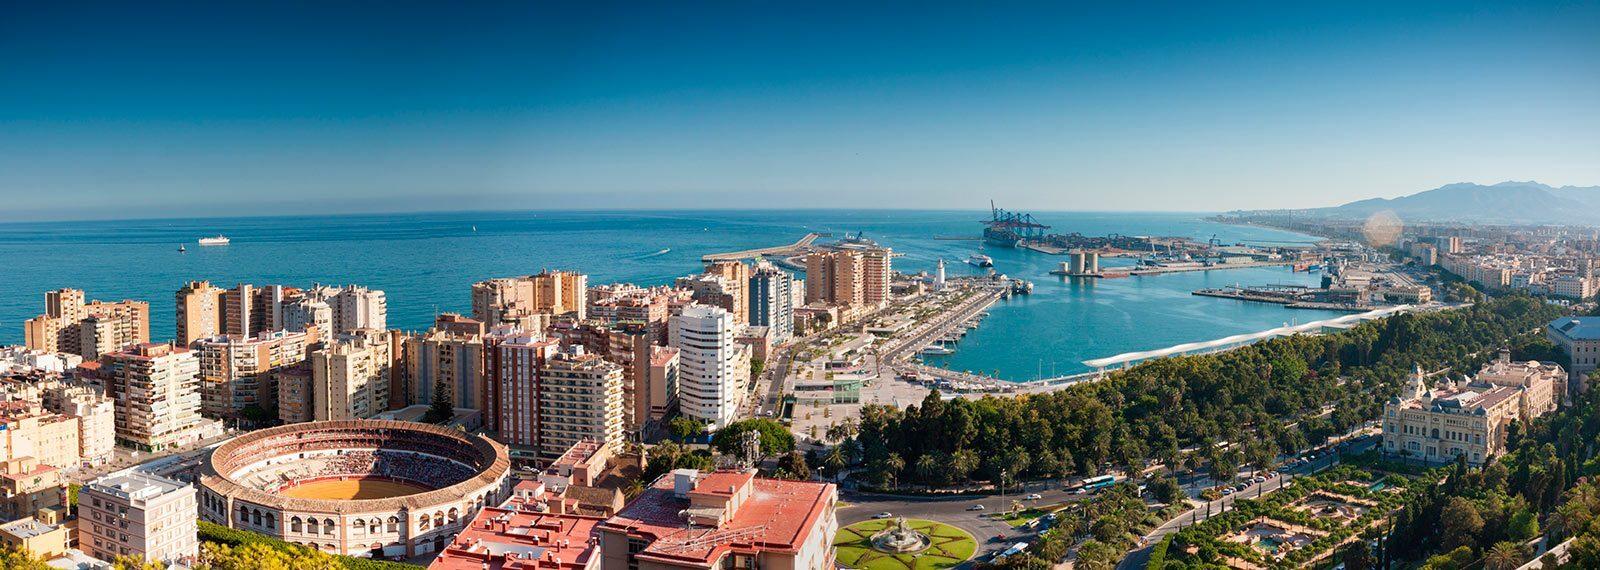 Qué hacer en Málaga